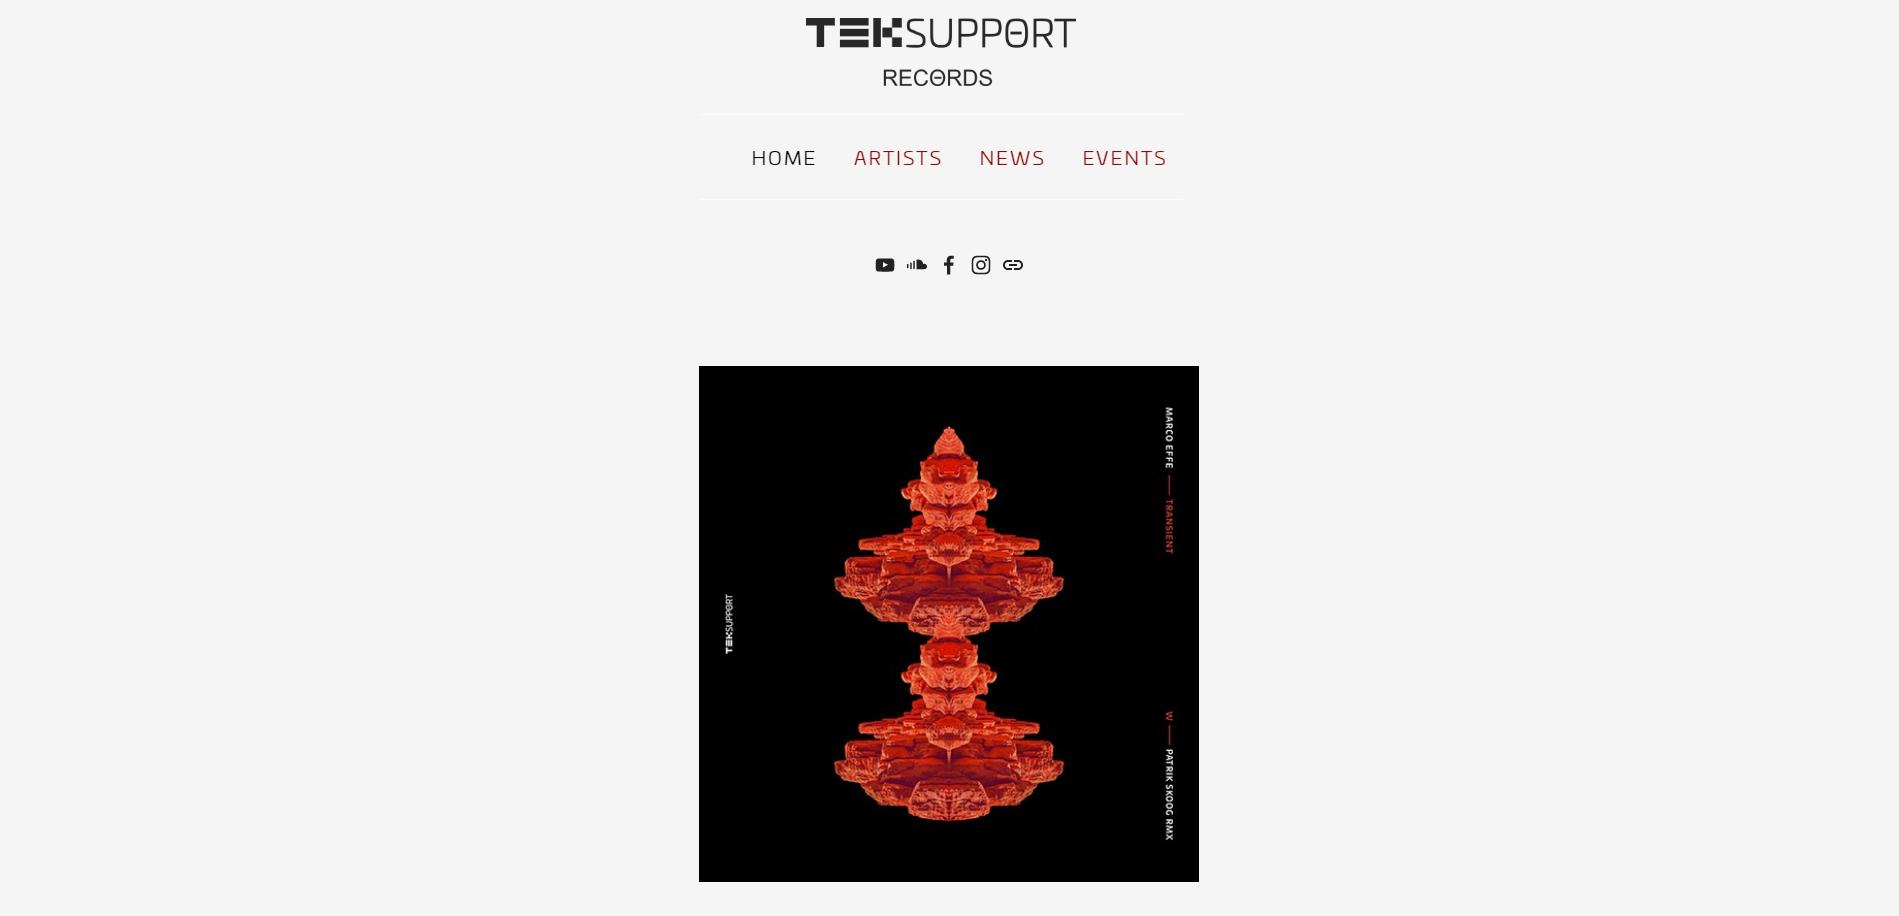 tek.support.png